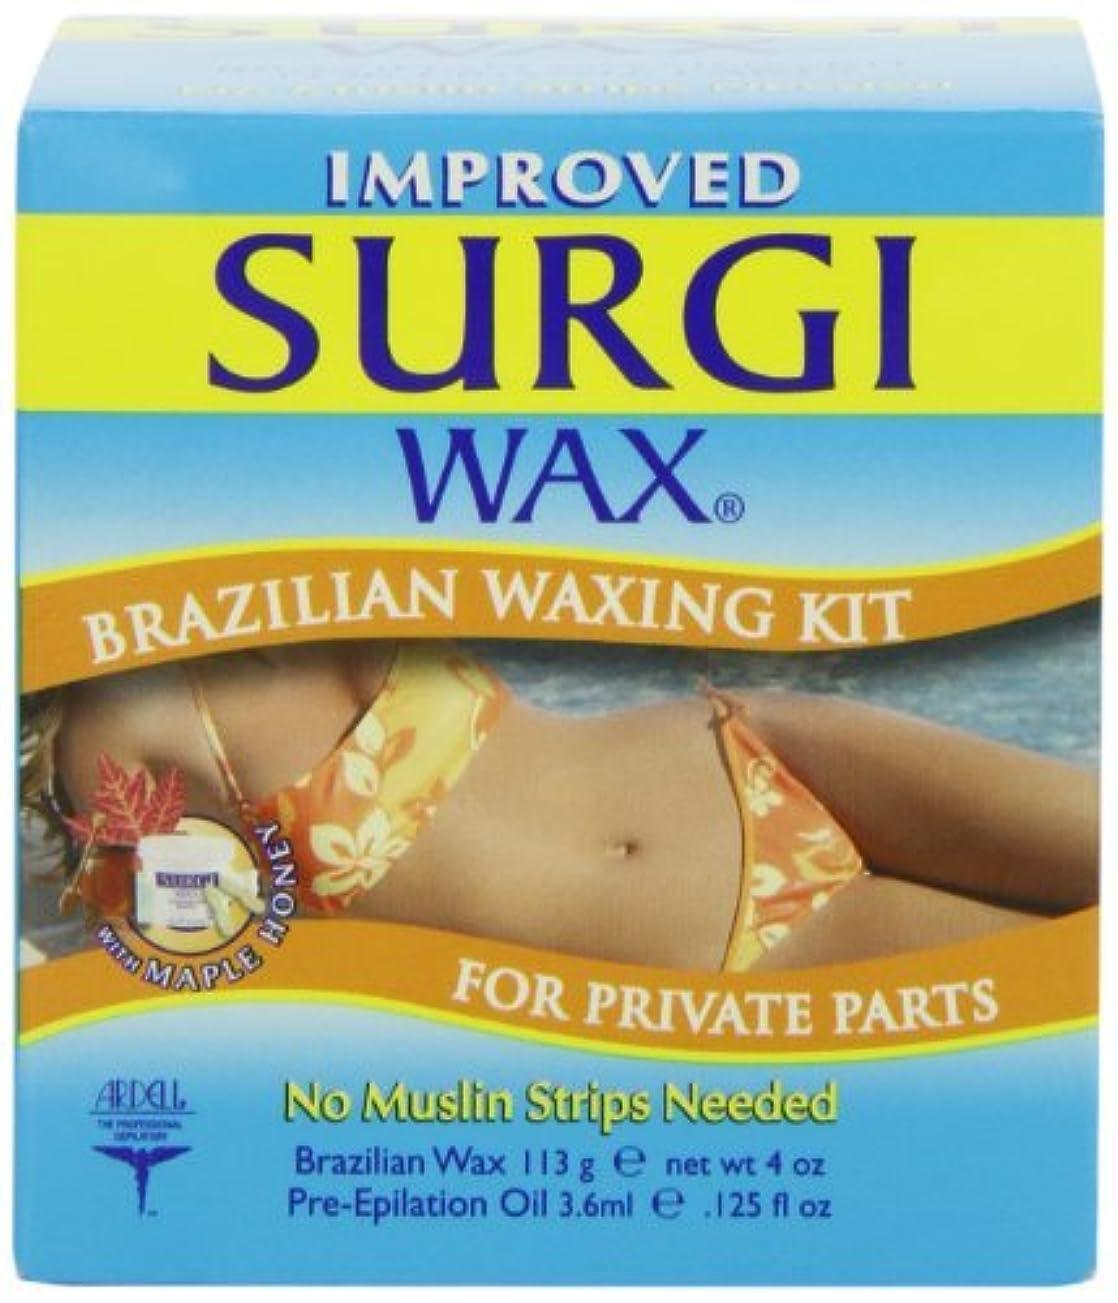 版鬼ごっこナチュラブラジリアン ワックス (ビキニライン用) Brazilian Waxing Kit For Private Parts【並行輸入品】